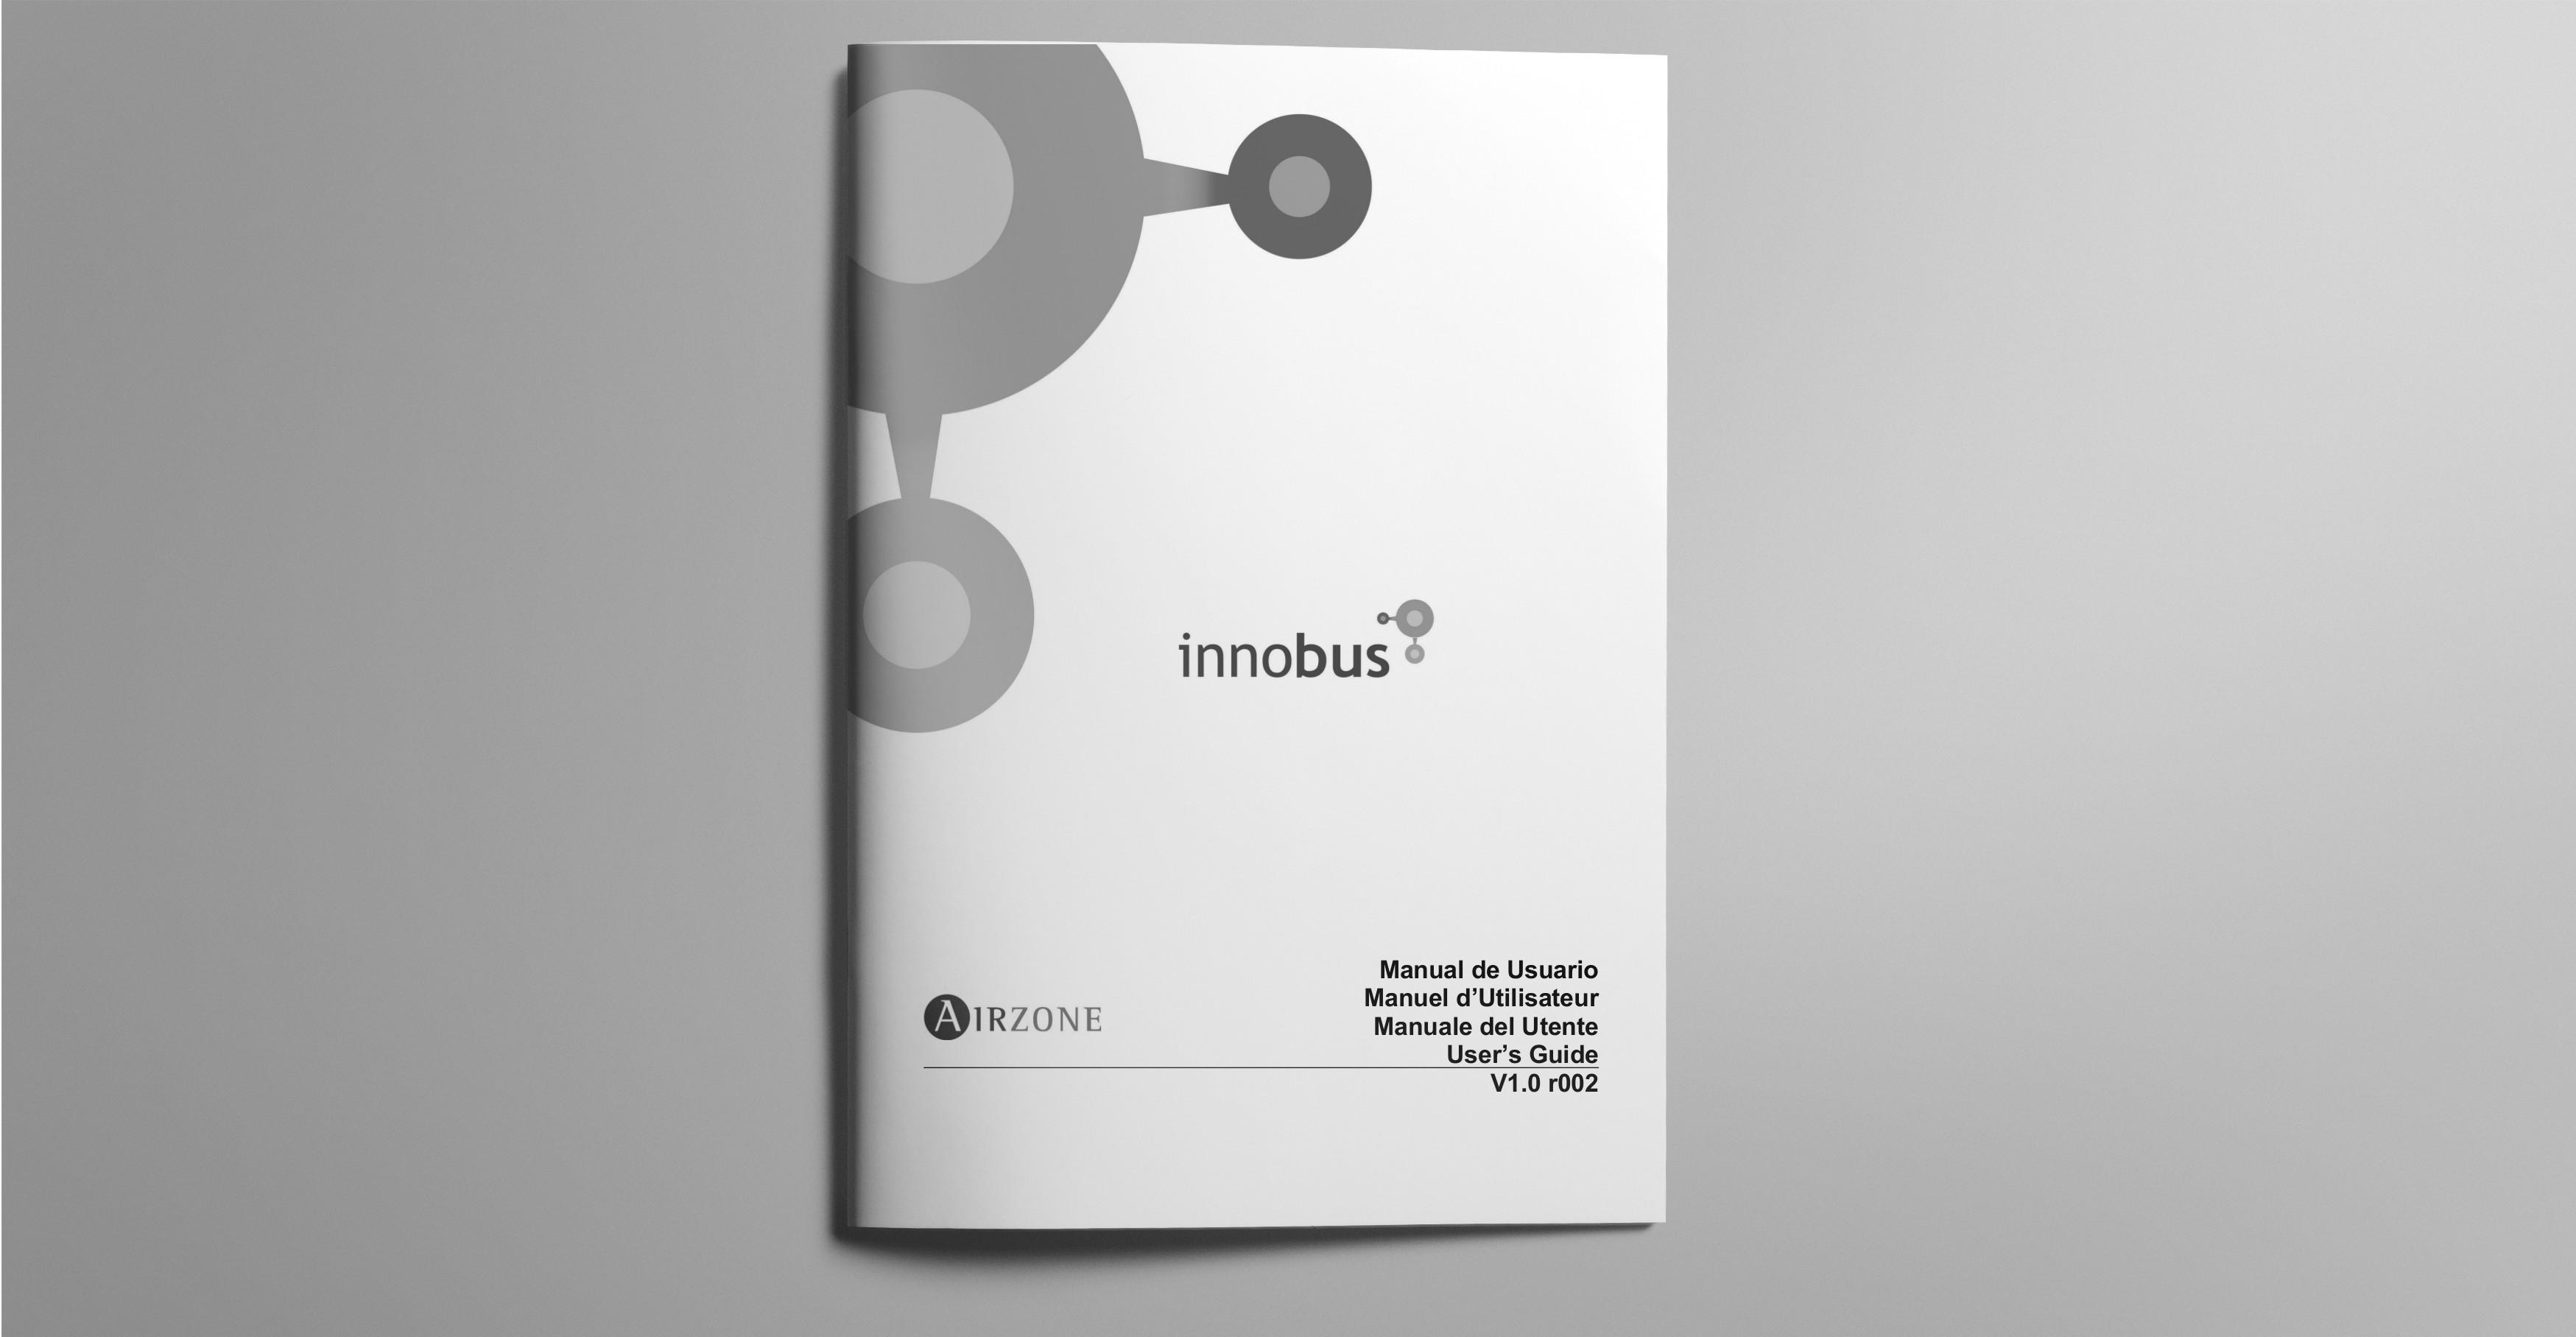 Manual de uso innobus pro (2011 -2012)